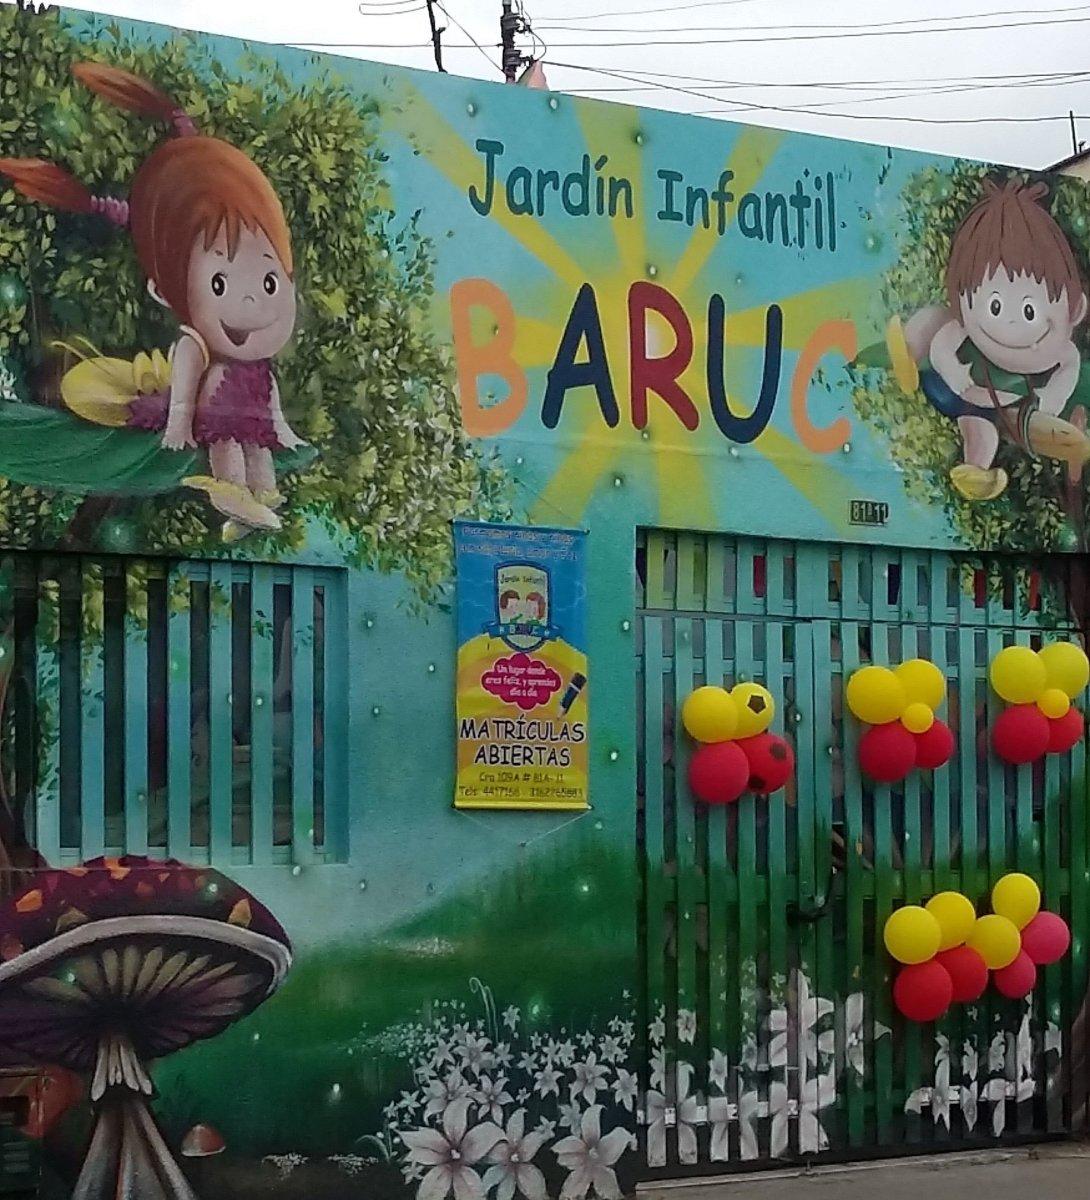 Jard n infantil baruc jardines escolares bolivia for Cascanueces jardin infantil bogota